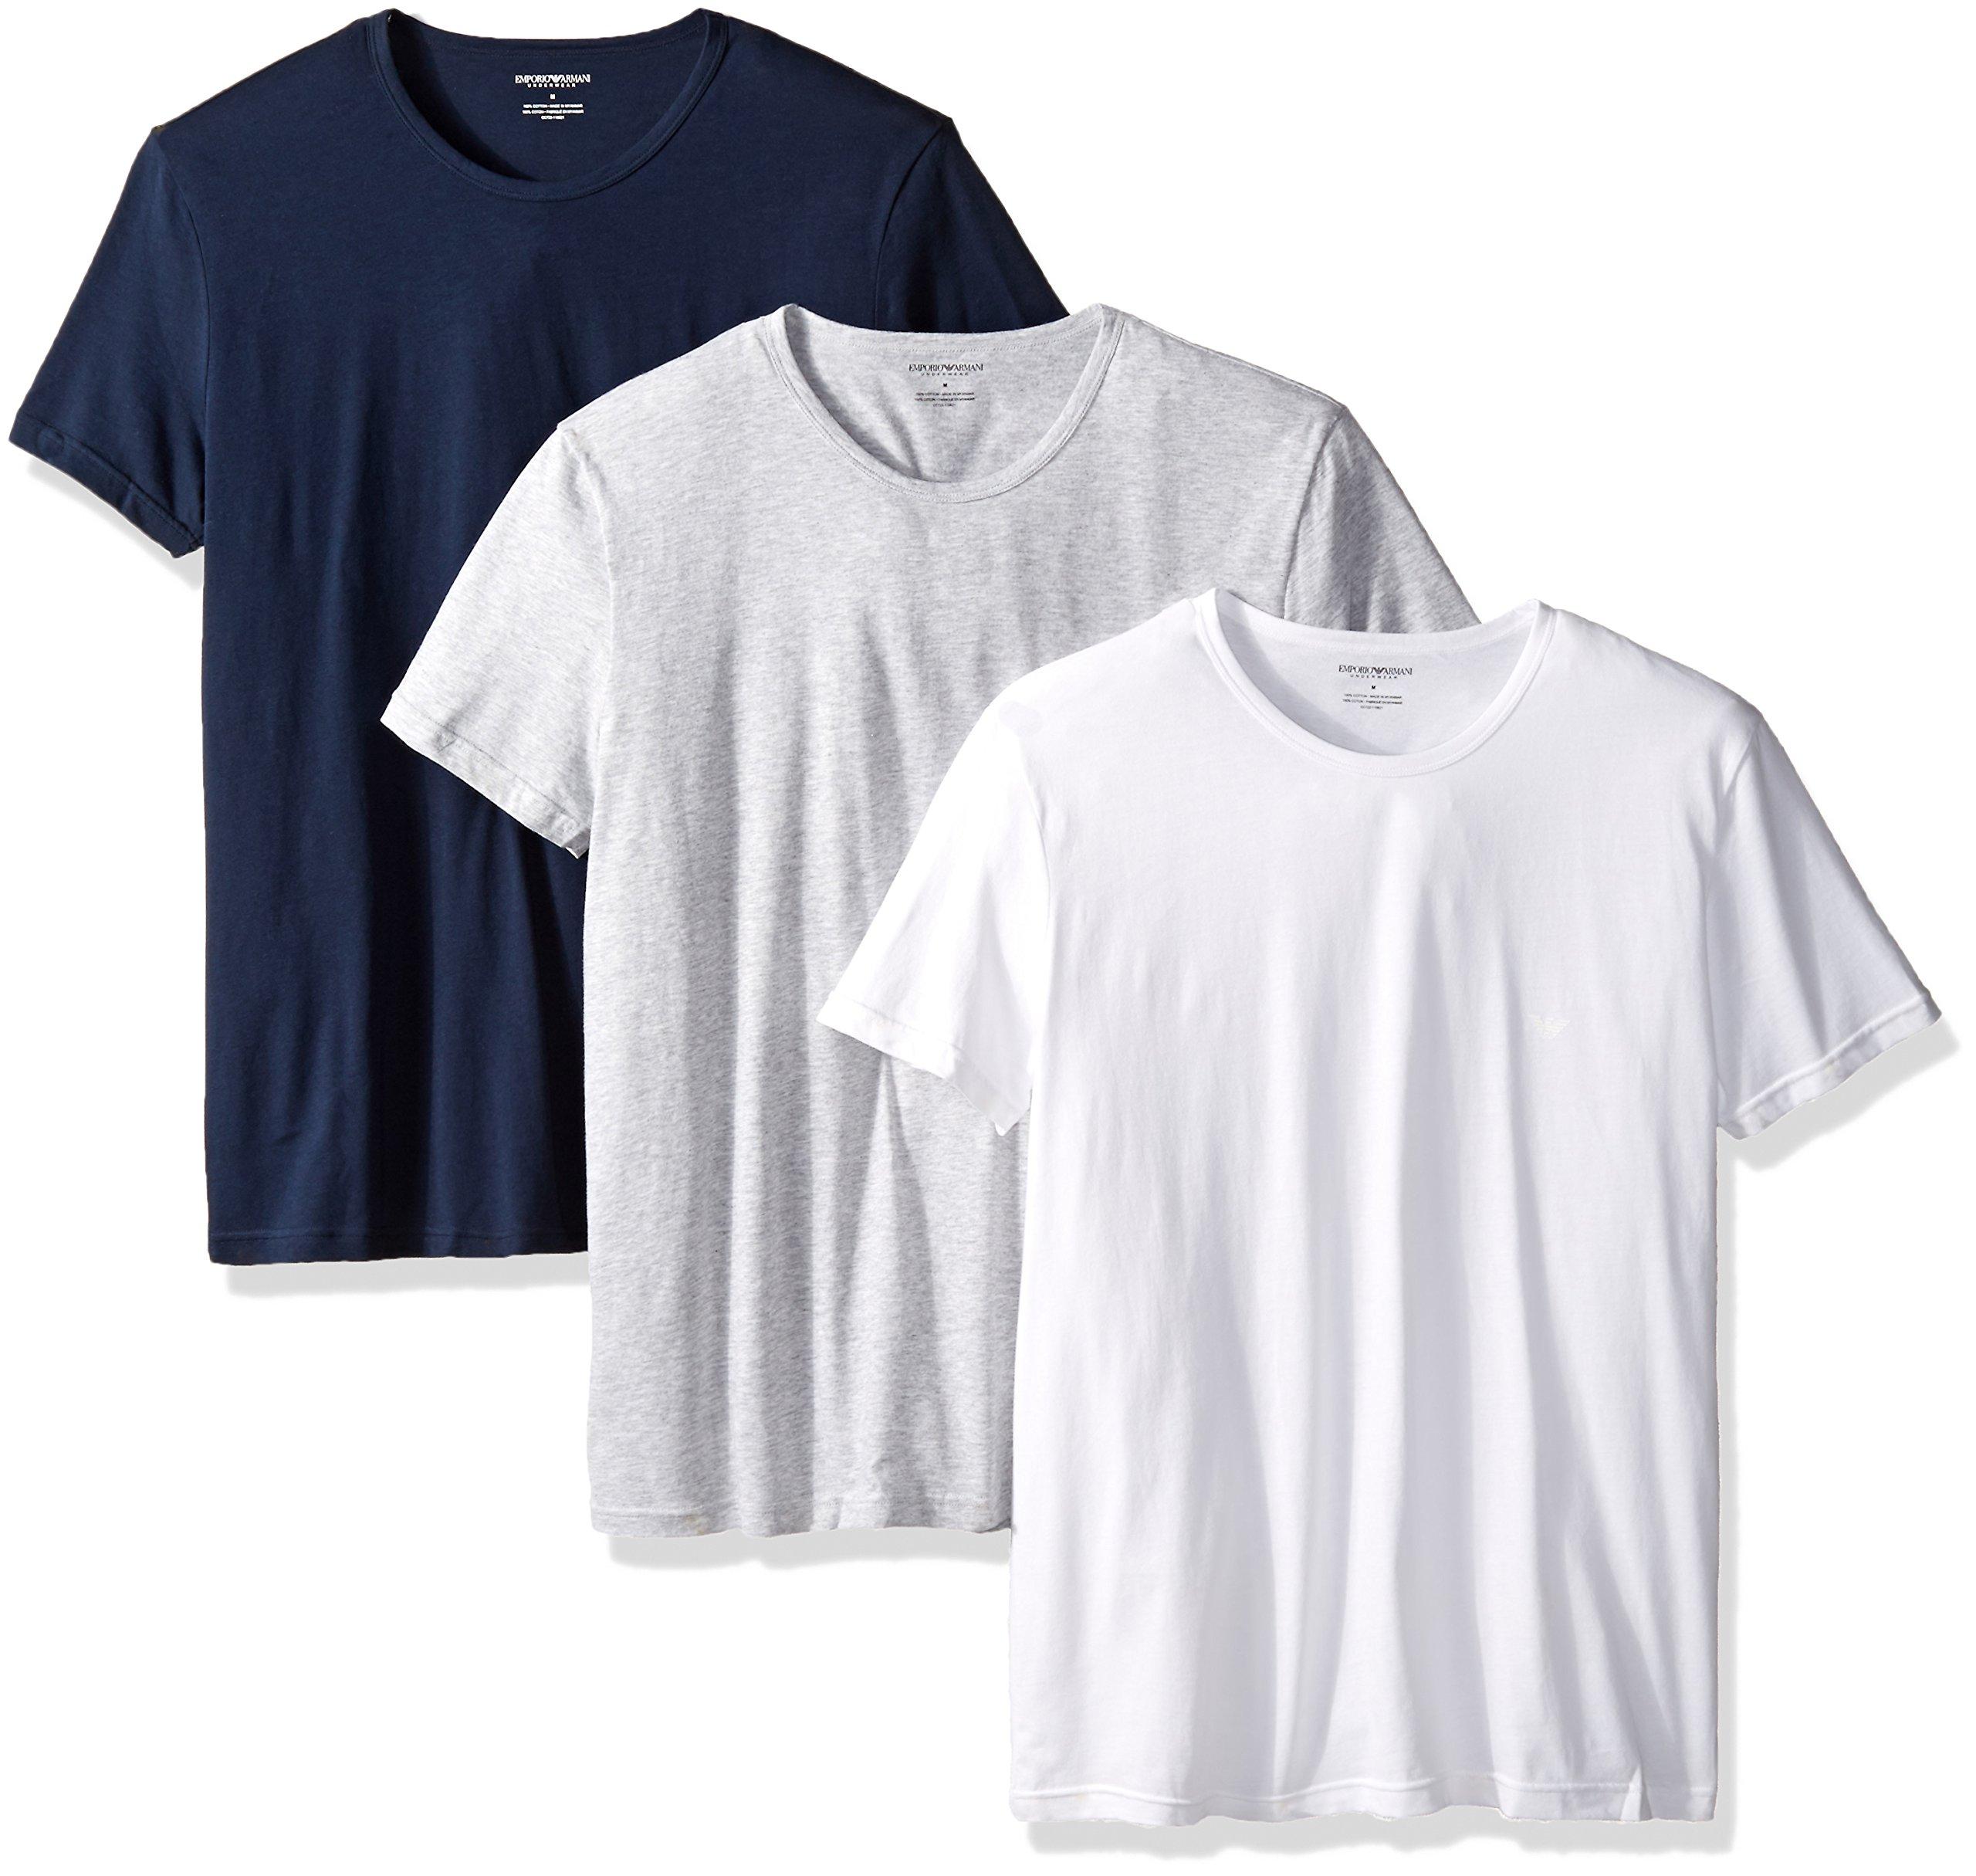 Emporio Armani 安普里奥·阿玛尼 男士 纯棉圆领T恤 3件装